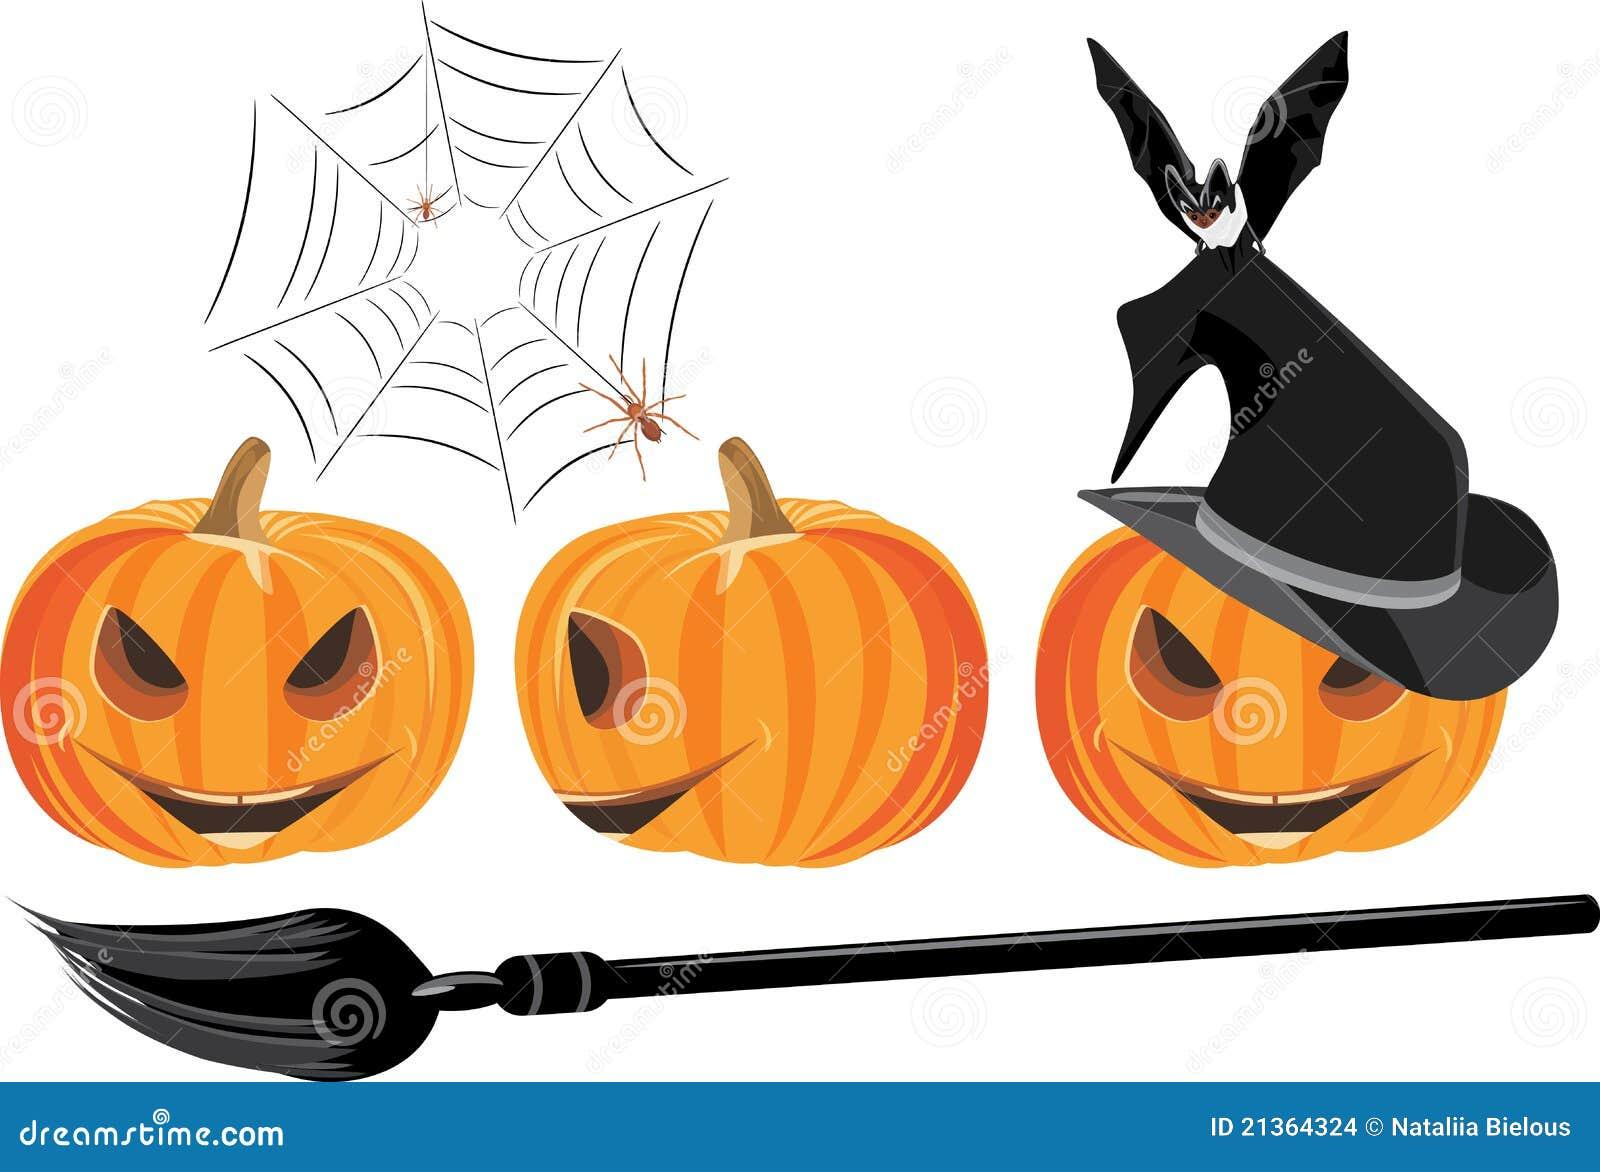 Zucche di halloween isolate sul bianco immagini stock for Immagini zucche halloween